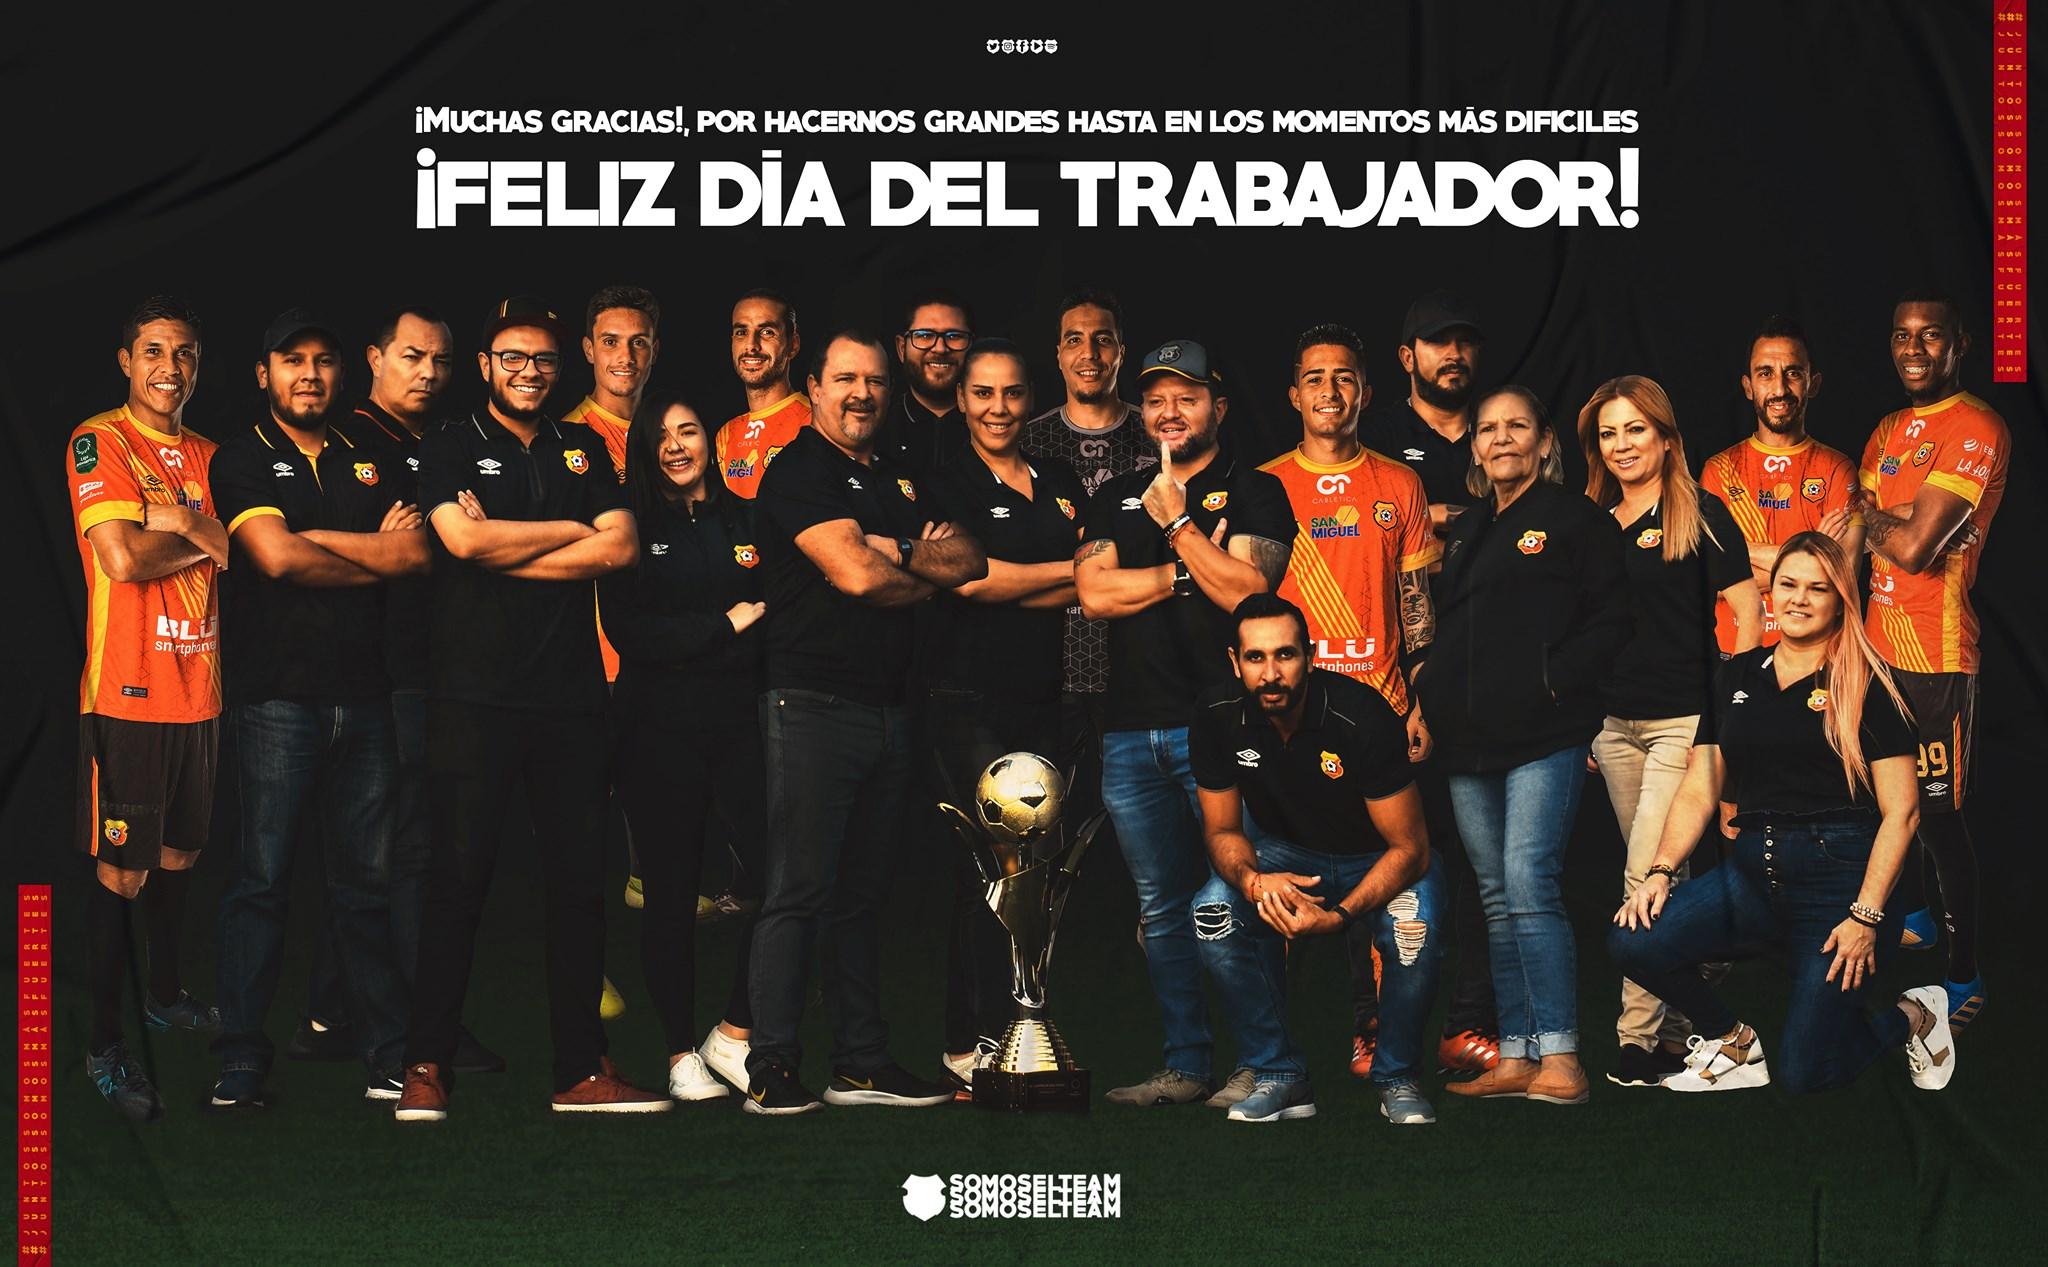 Jugadoras del equipo femenino del Herediano le reclamaron al club por excluirlas en afiche.